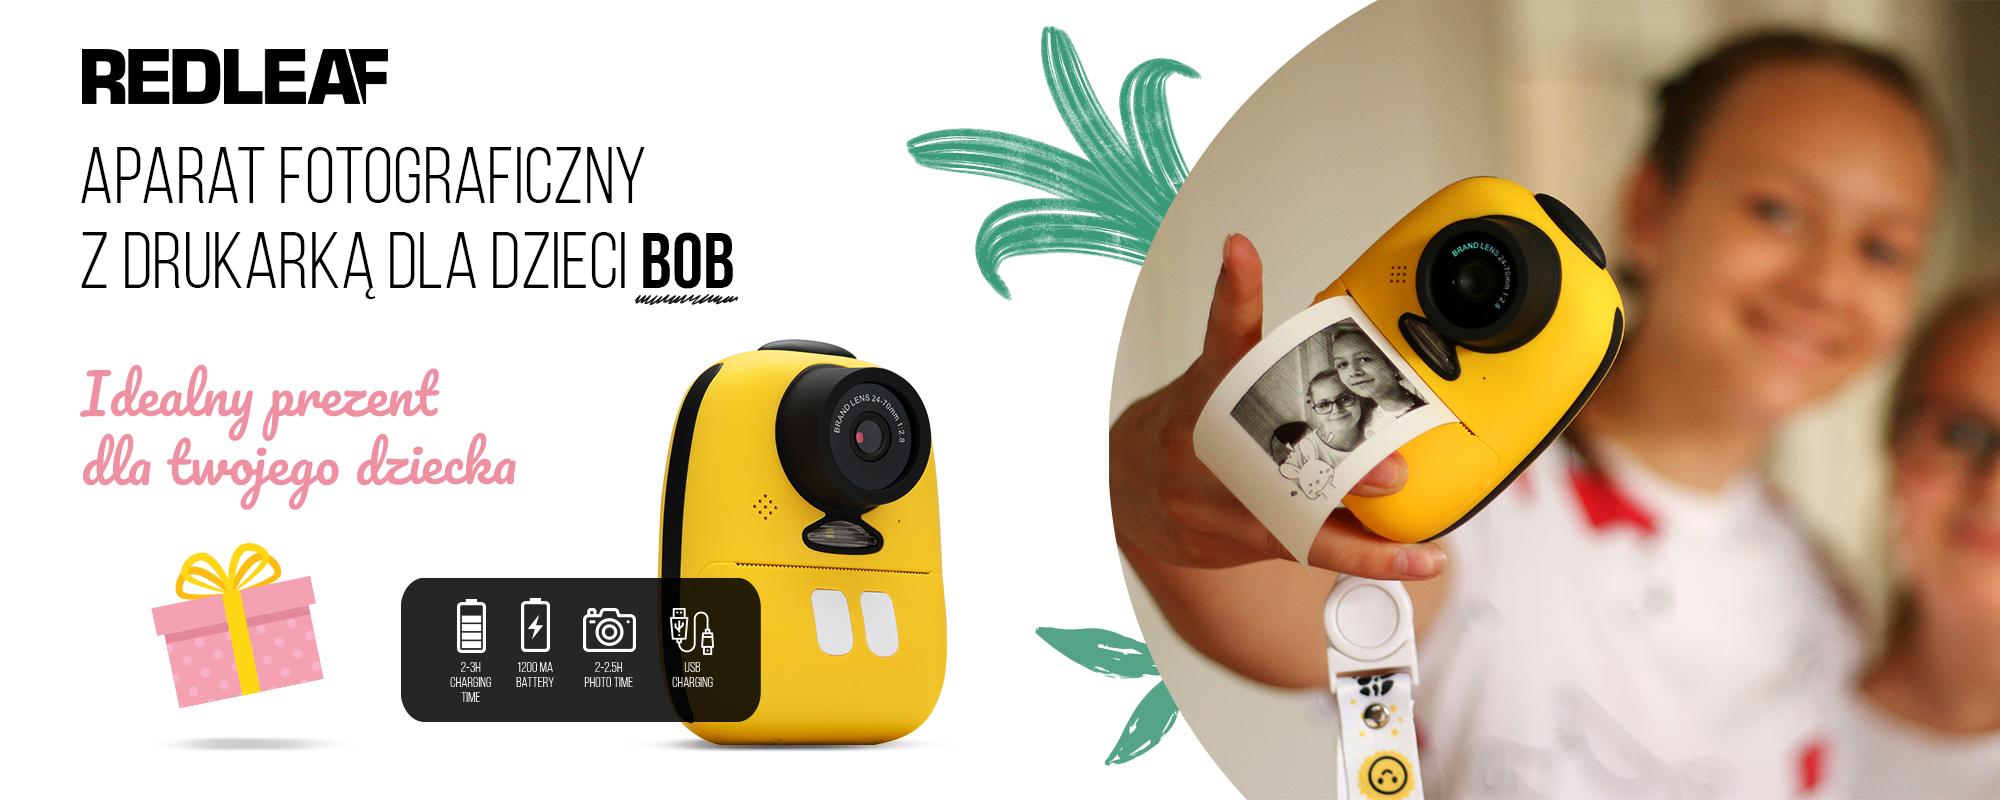 Aparat fotograficzny z drukarką dla dzieci Redleaf BOB - grafika prezentująca idealny prezent dla dziecka